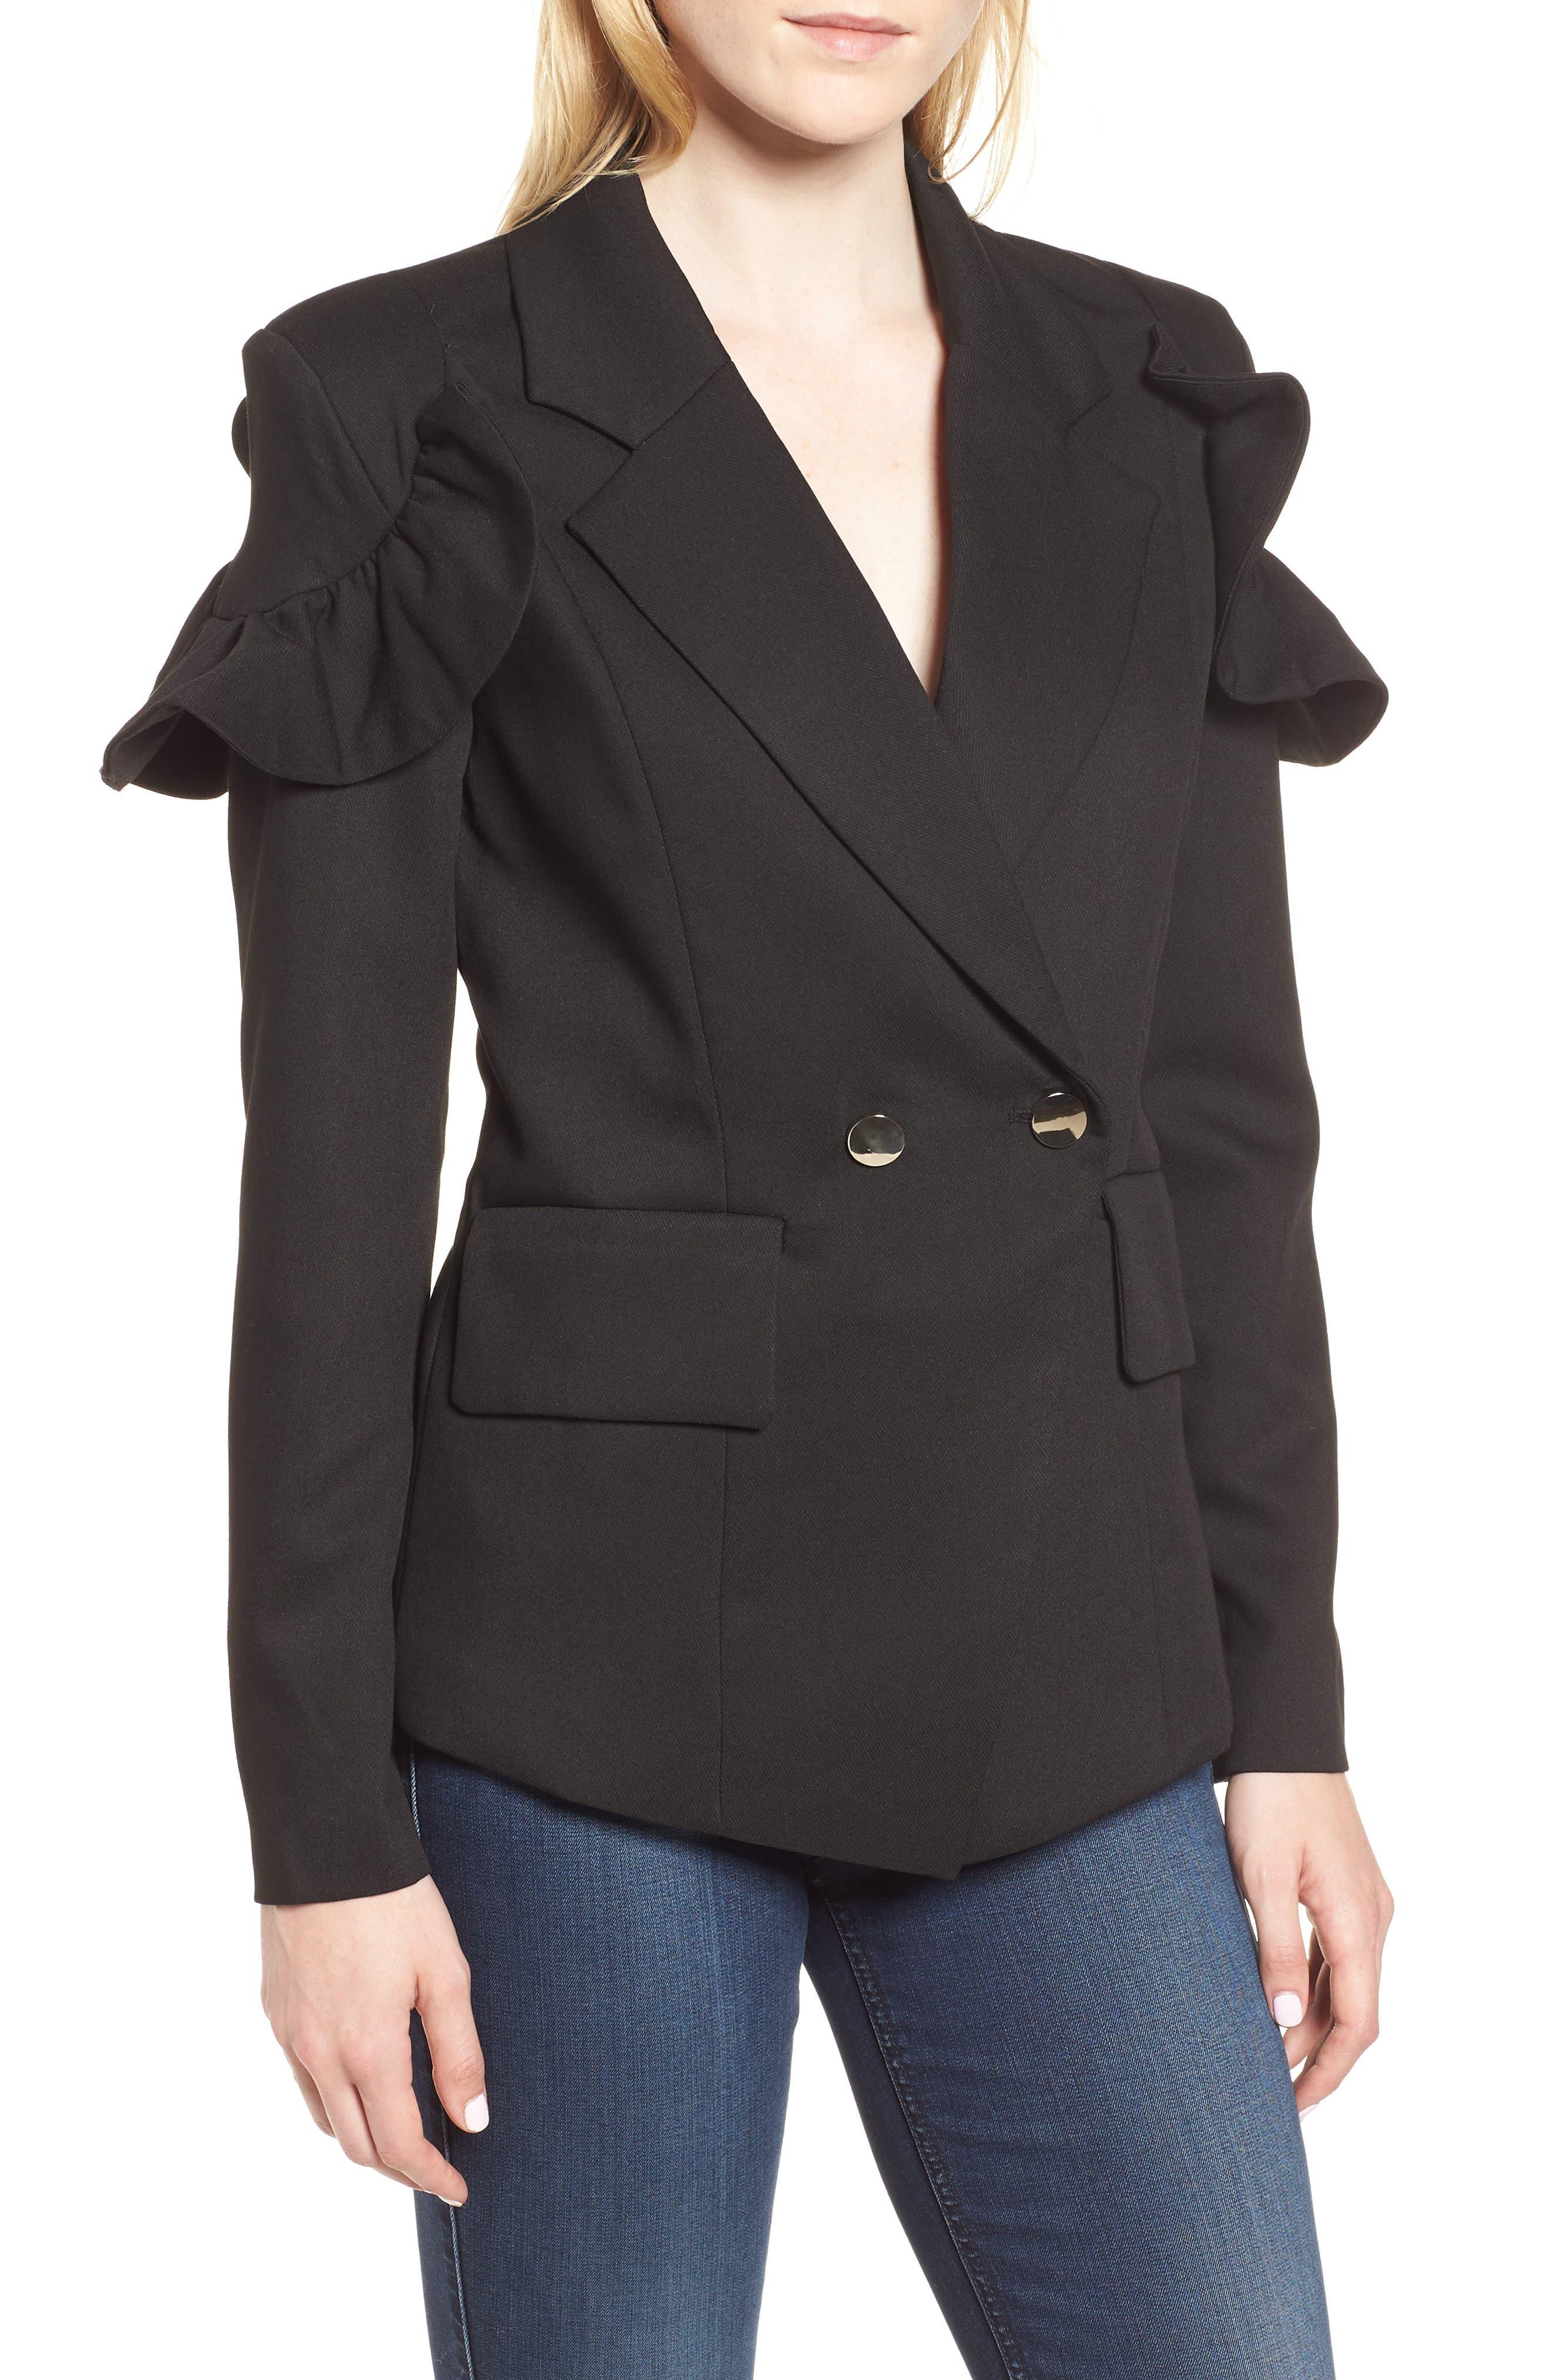 Harmony Jacket,                             Main thumbnail 1, color,                             Black